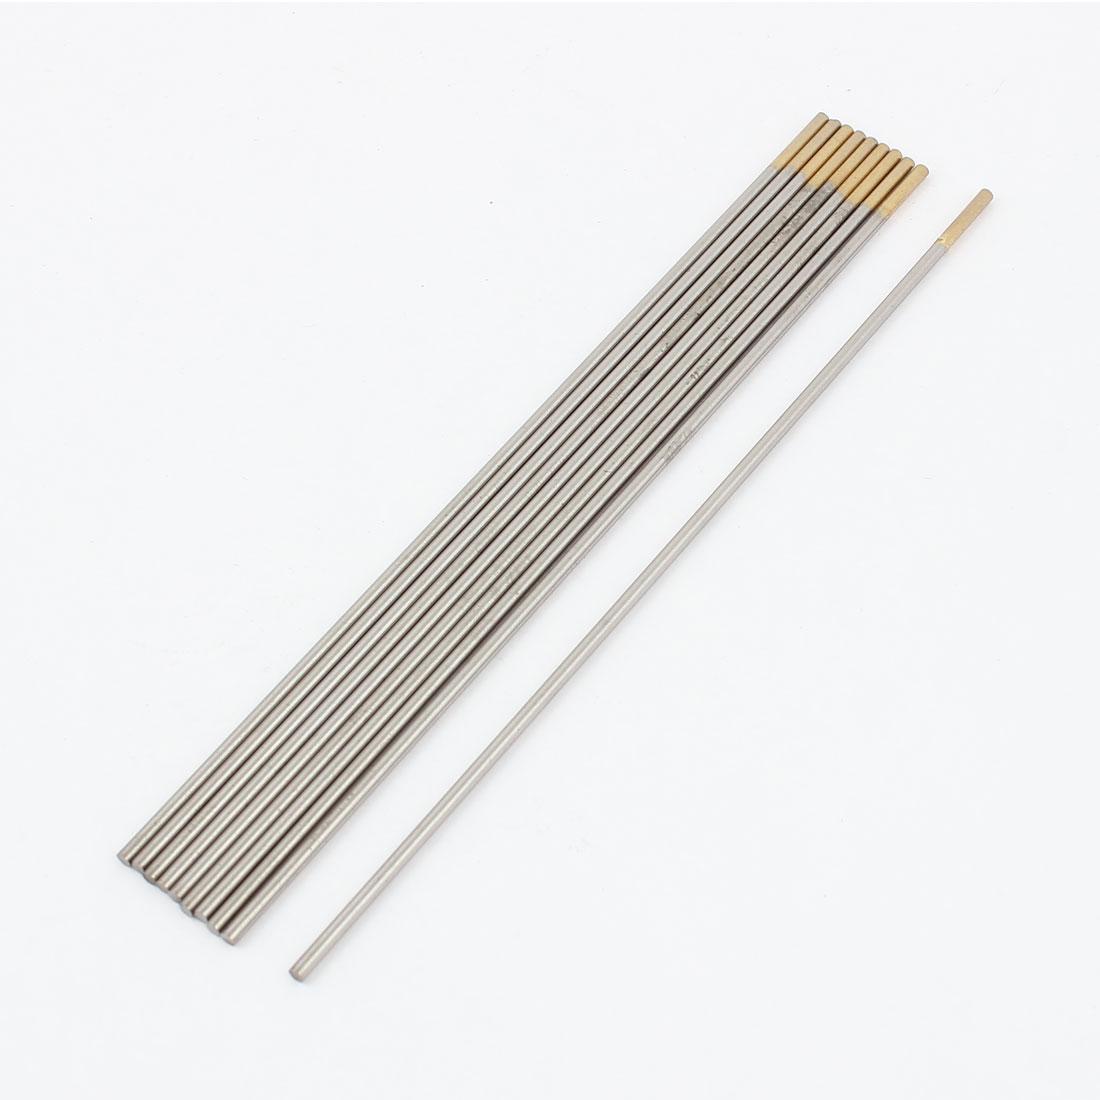 """10 Pcs WL15 TIG Welder 1.5% Lanthanated Tungsten Electrodes 3/32"""" x 7"""""""